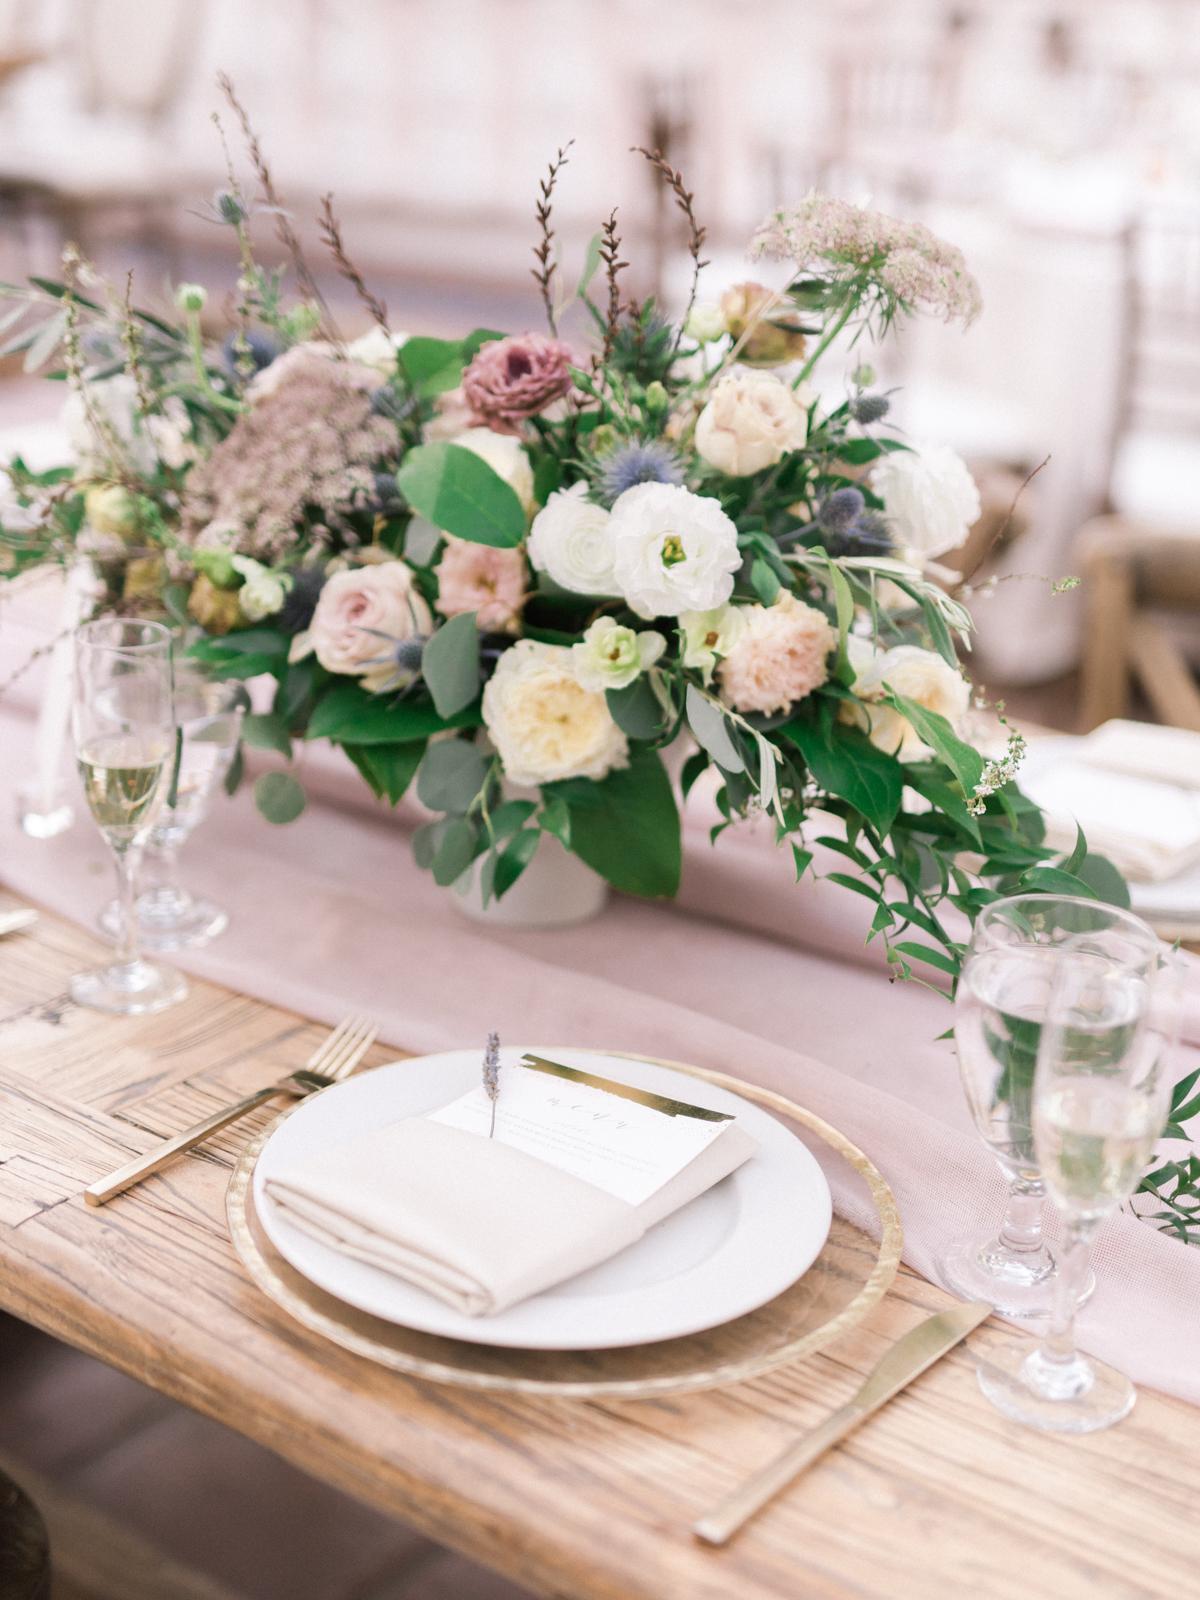 Inšpirácie na svadobné stolovovanie - Obrázok č. 34